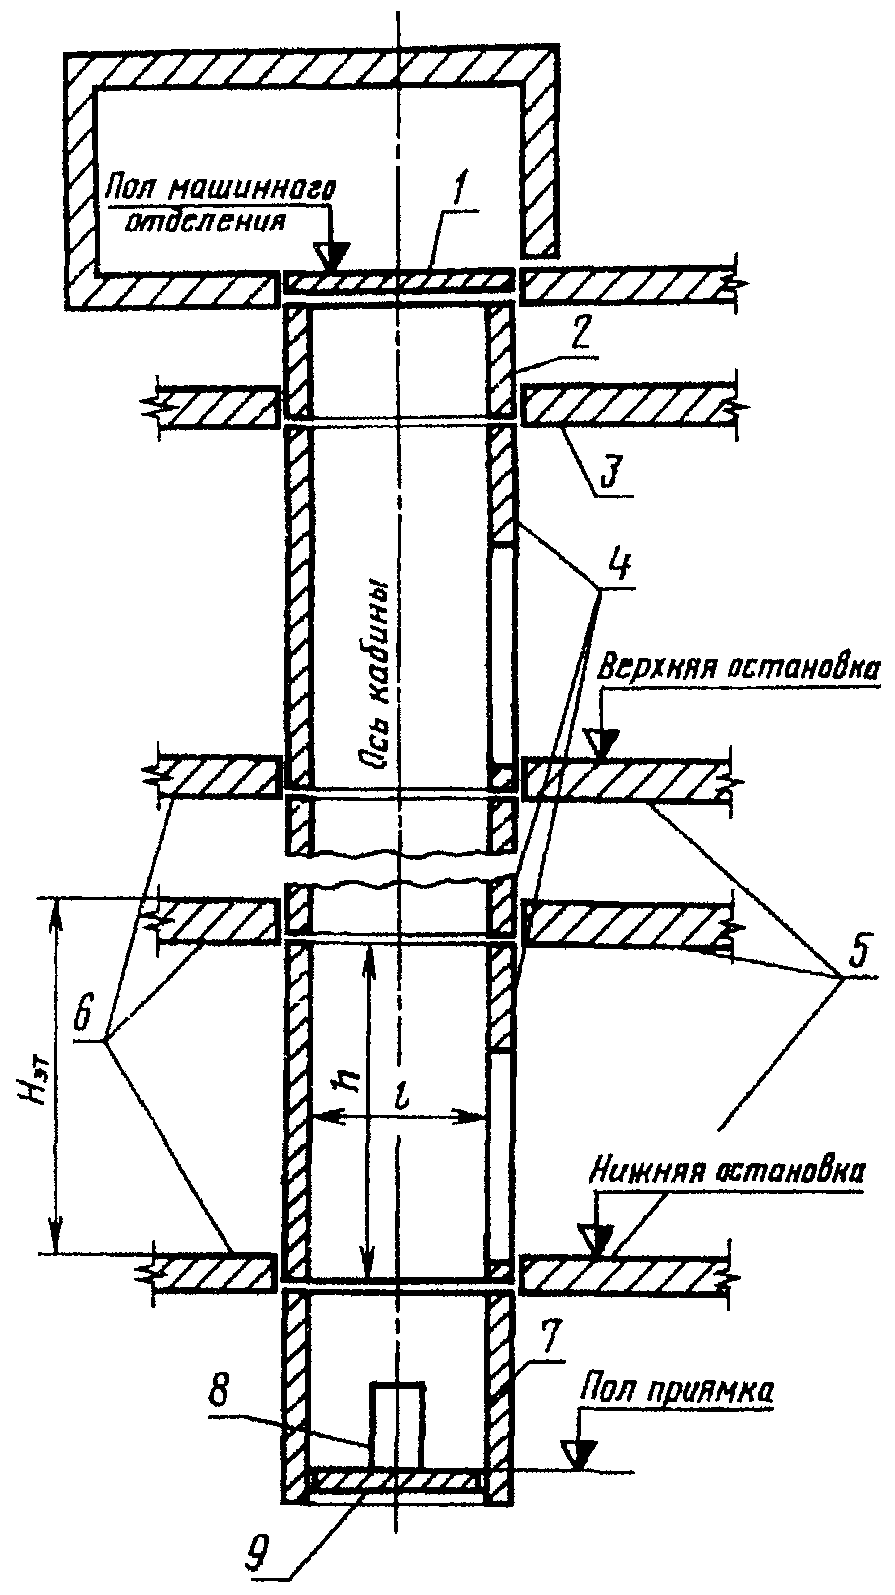 конструкция лифта - Рабочие схемы и описания к ним в быту.